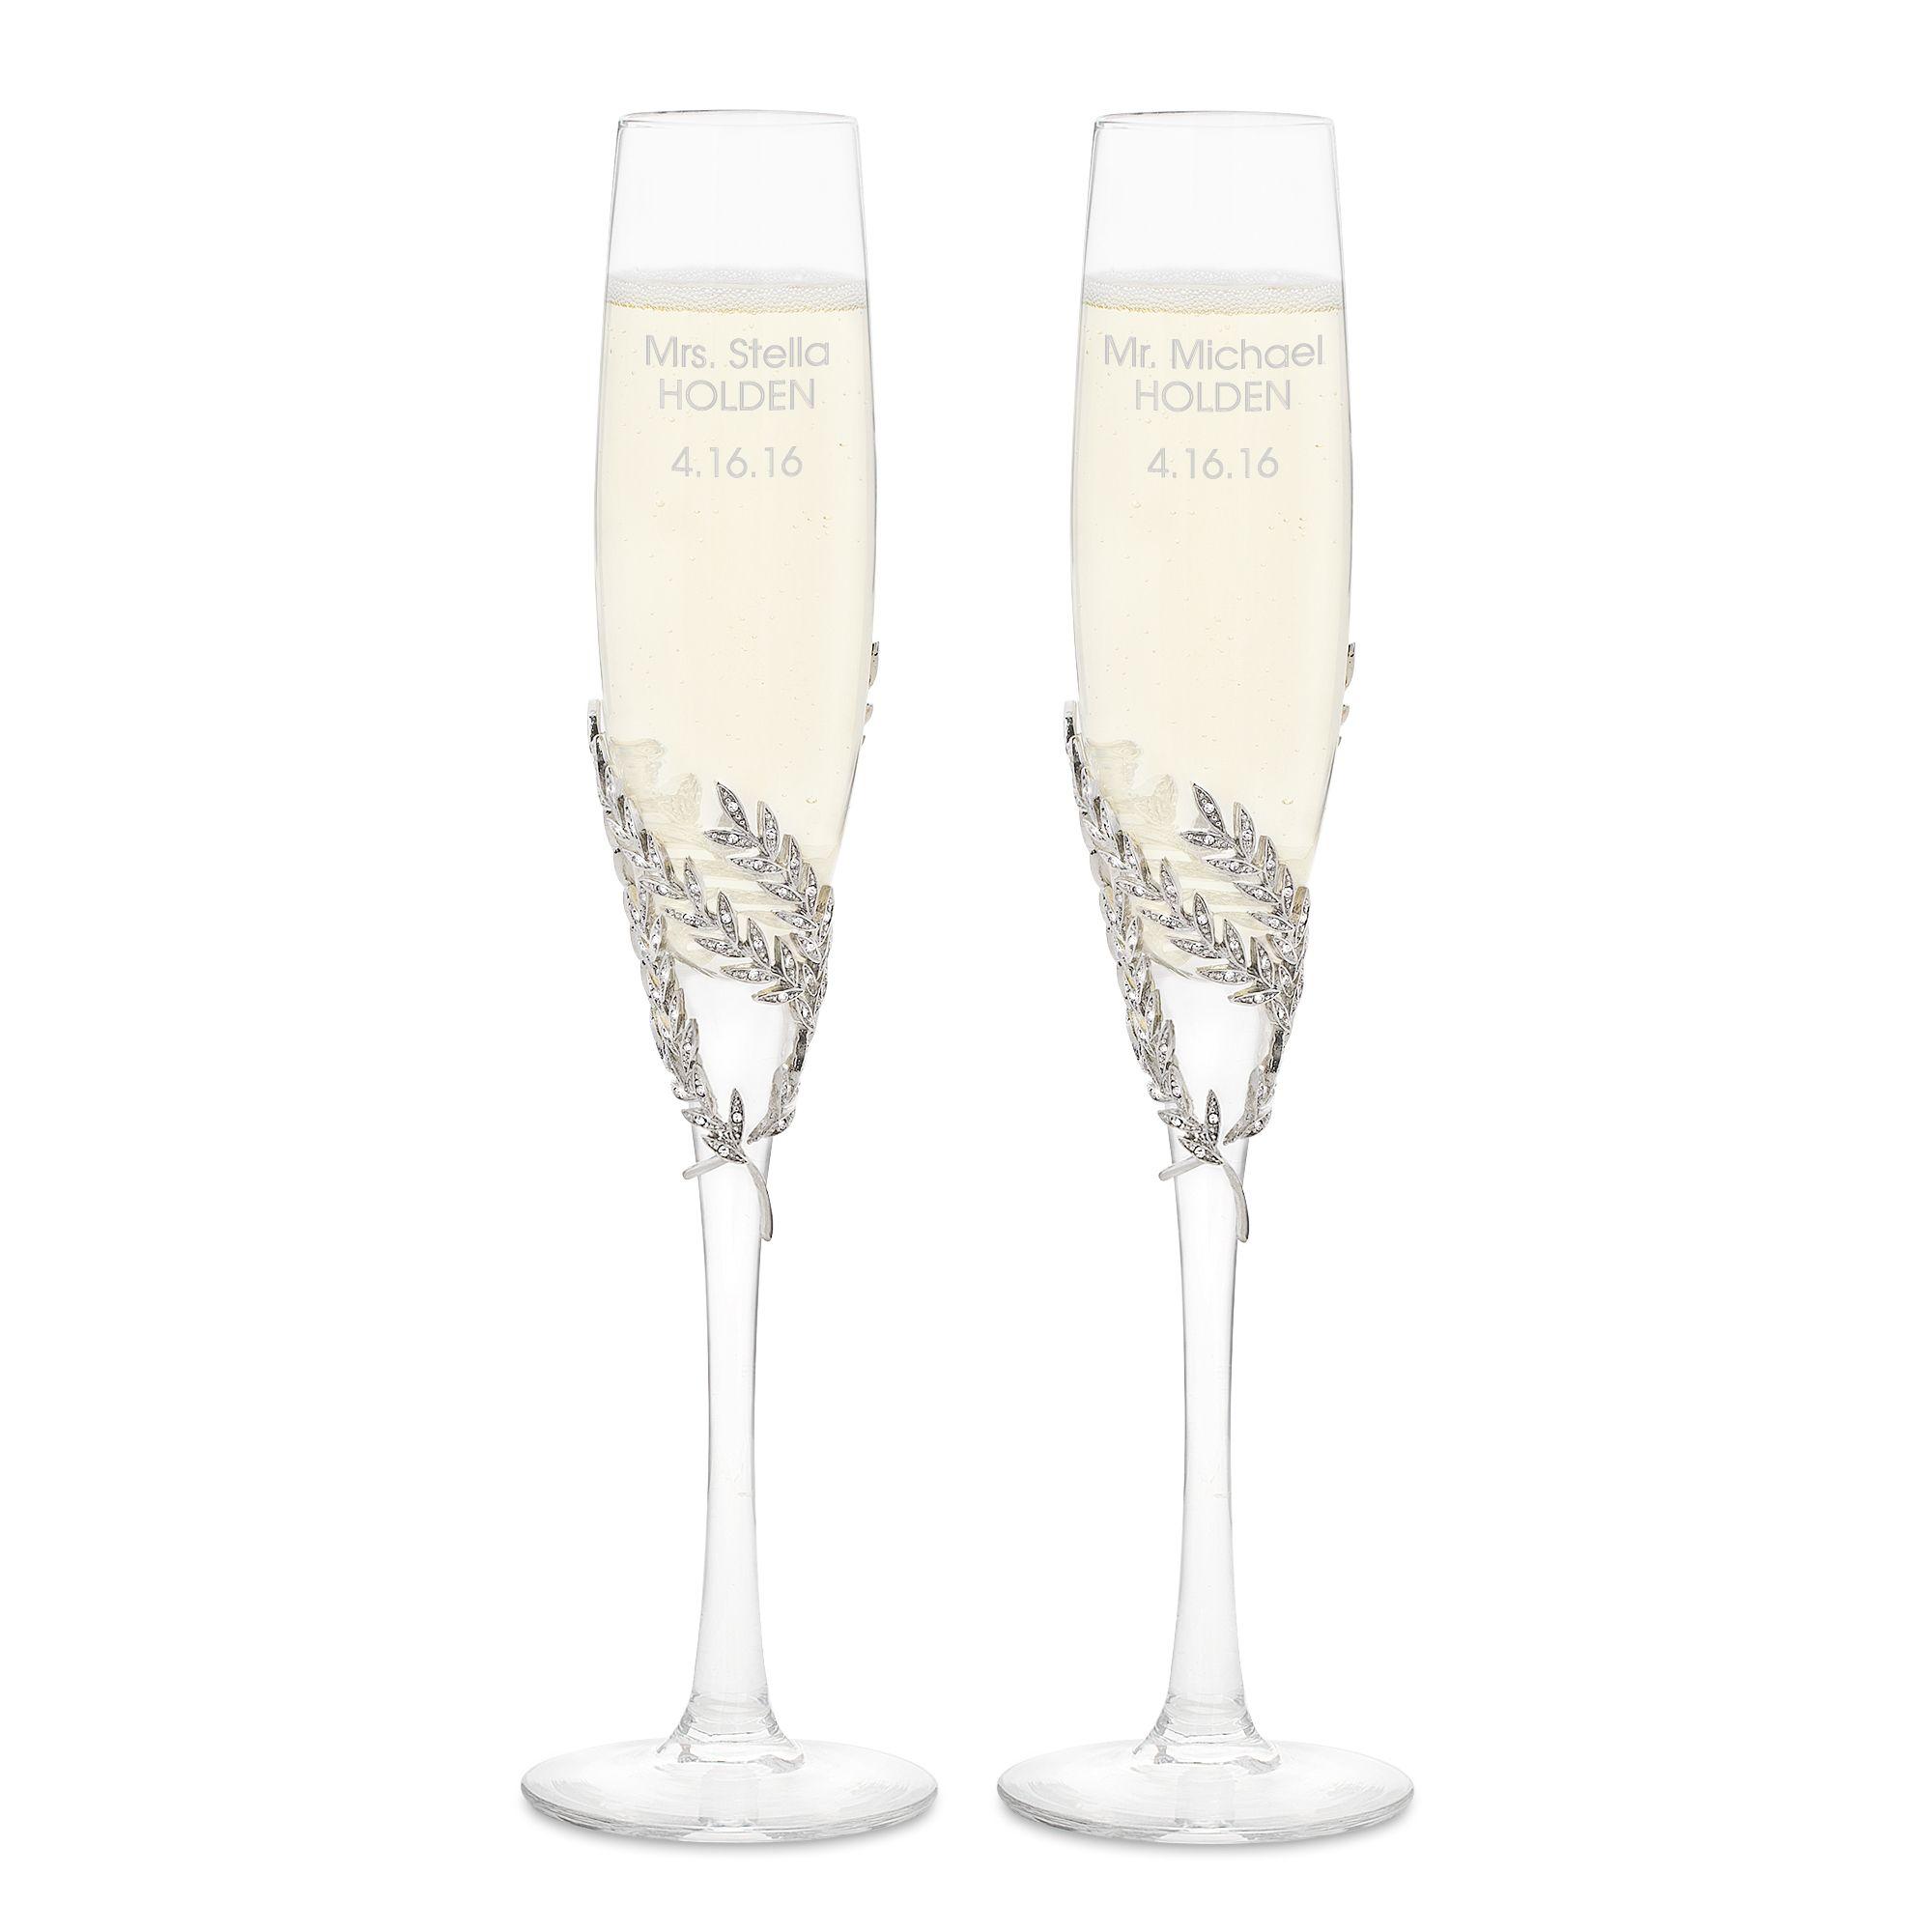 Athena Pave Wedding Flutes Wedding Flutes Engraved Champagne Flutes Wedding Toasting Flutes Wedding